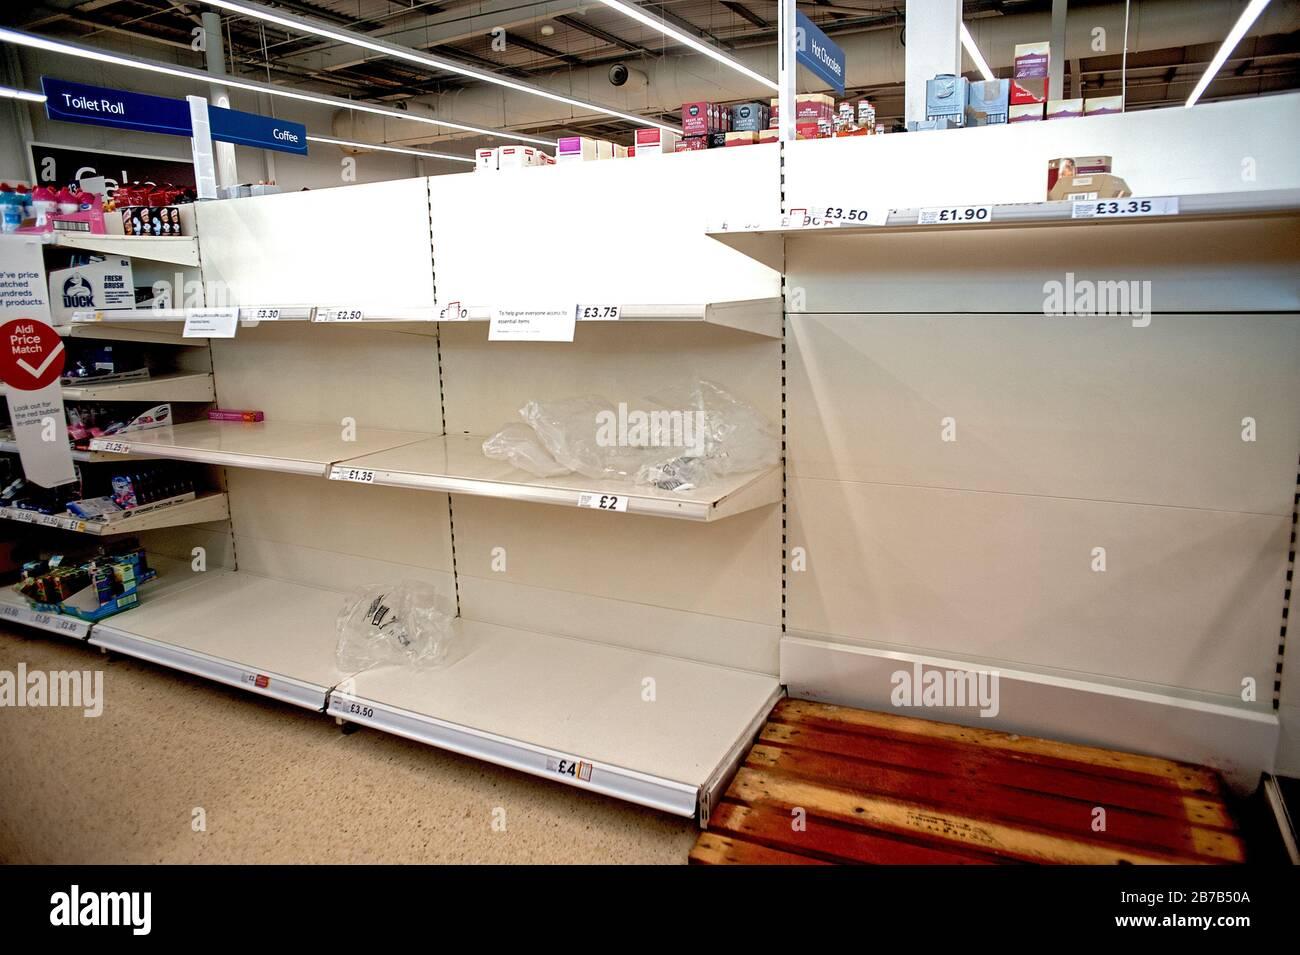 Supermercado Tesco, Hove, Reino Unido, 2020. La compra de pánico debido a los temores de coronavirus ha vaciado estantes de artículos como rollos de tocador y desinfectantes para manos. Foto de stock